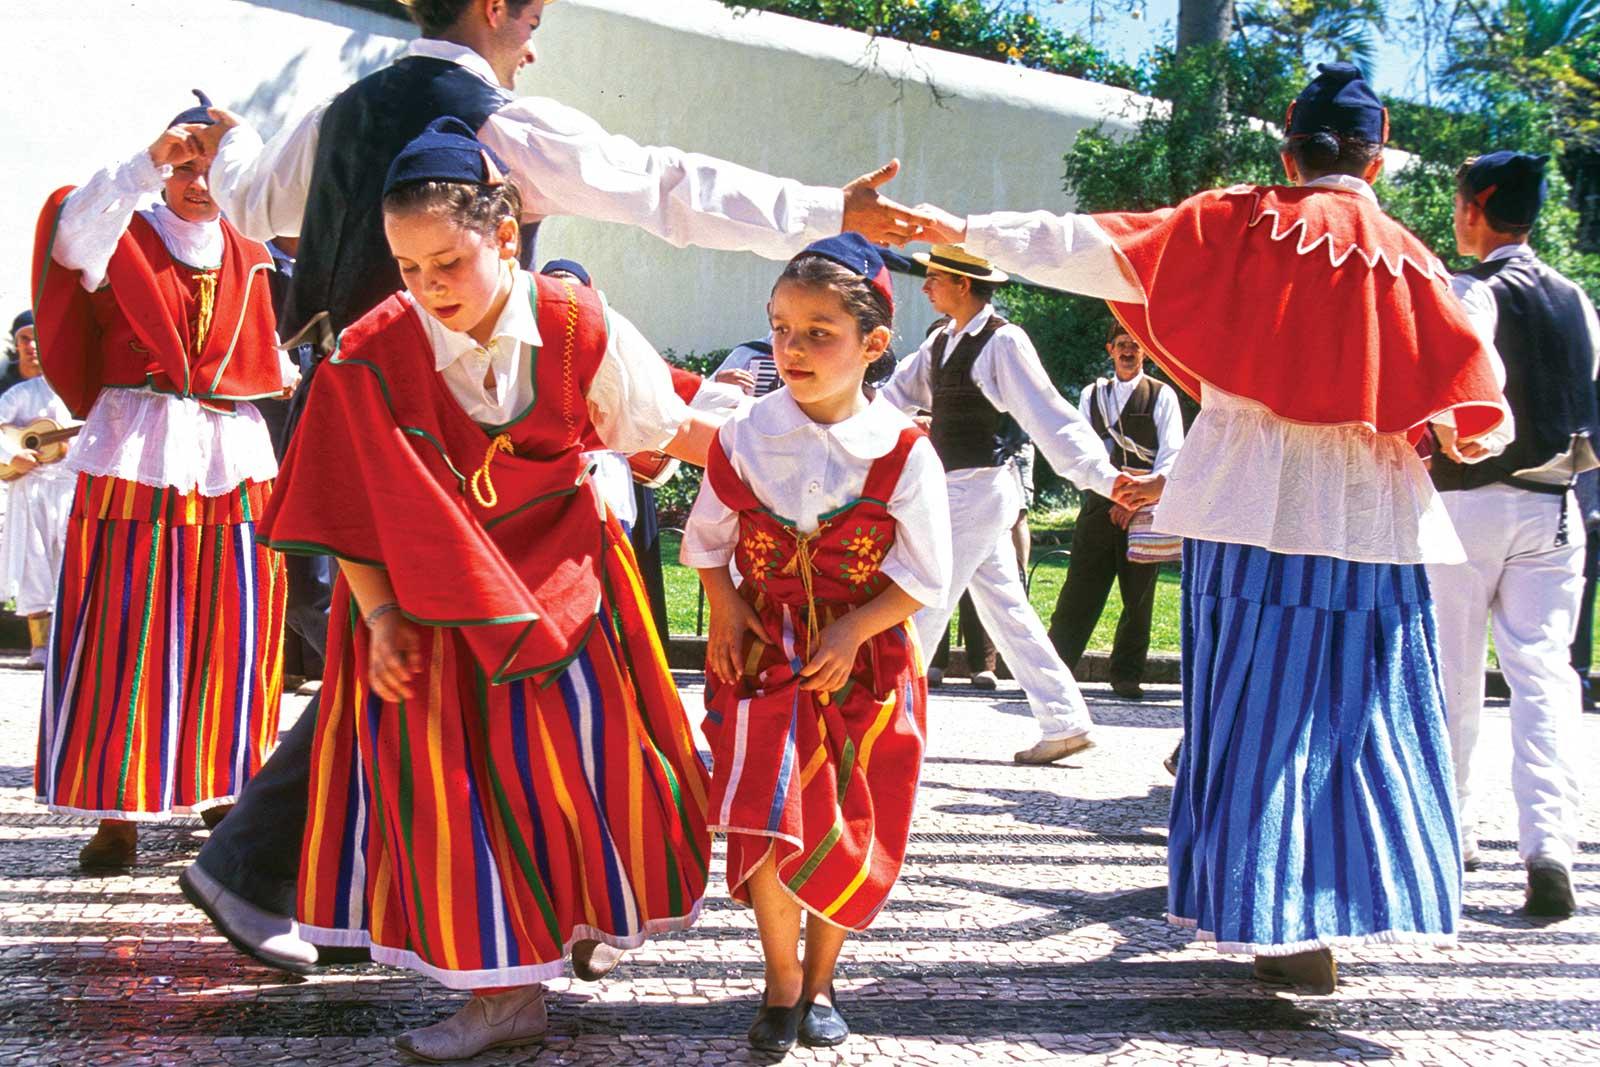 Soirée, typique avec folklore à Porto Santo